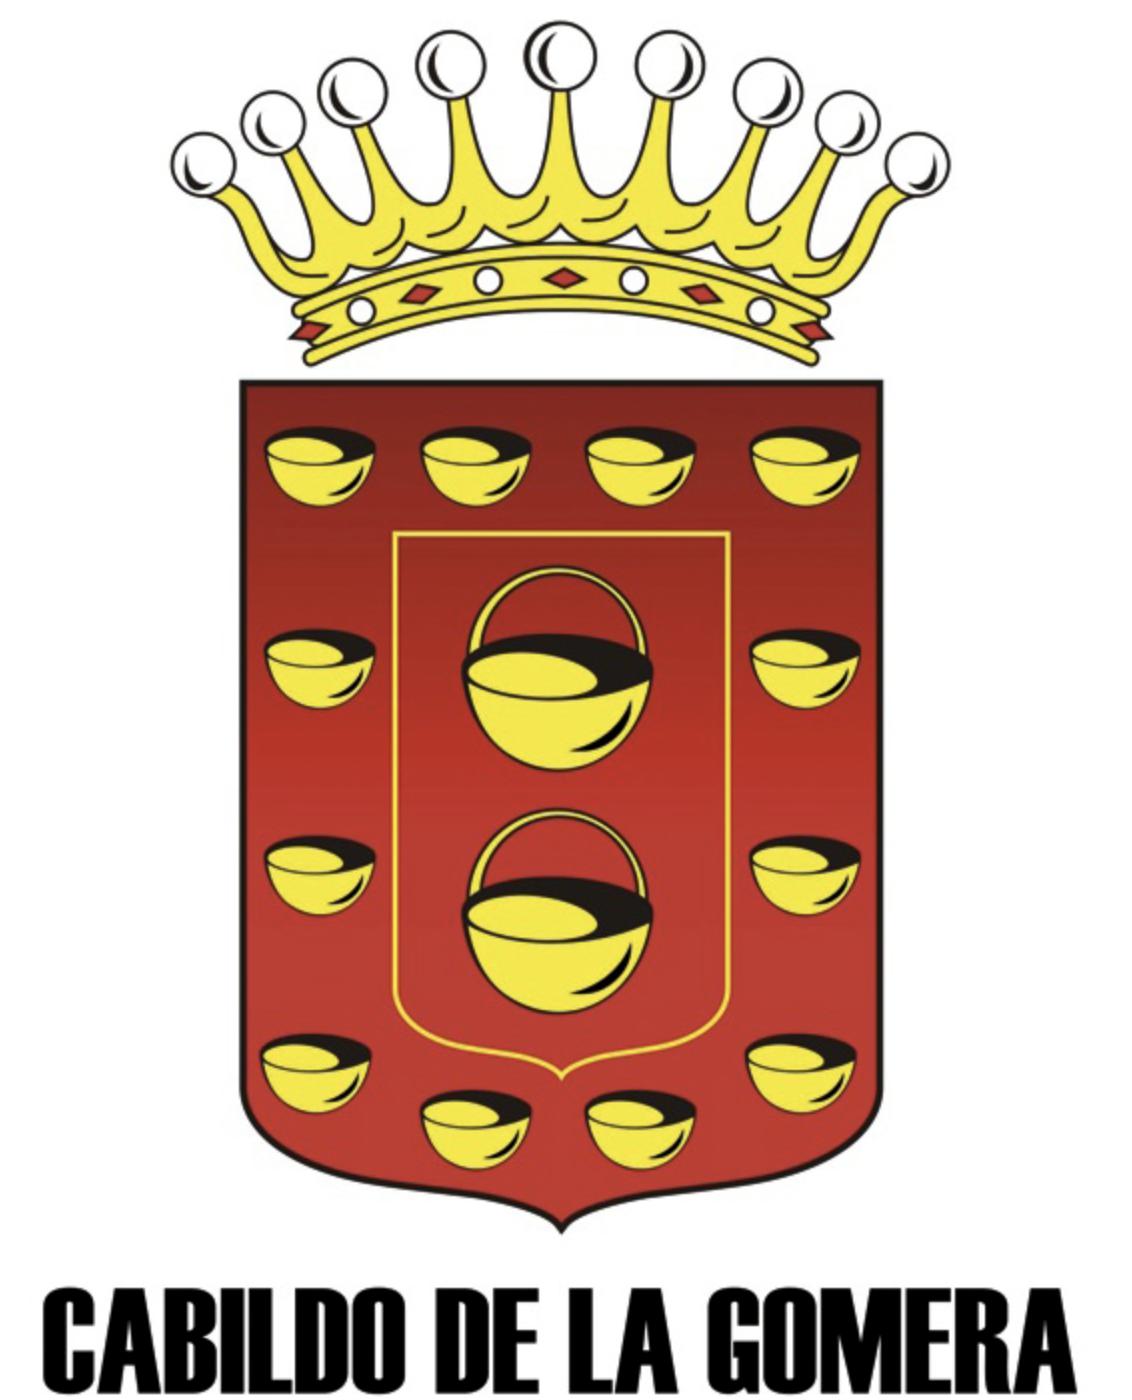 La Gomera (Canarias)